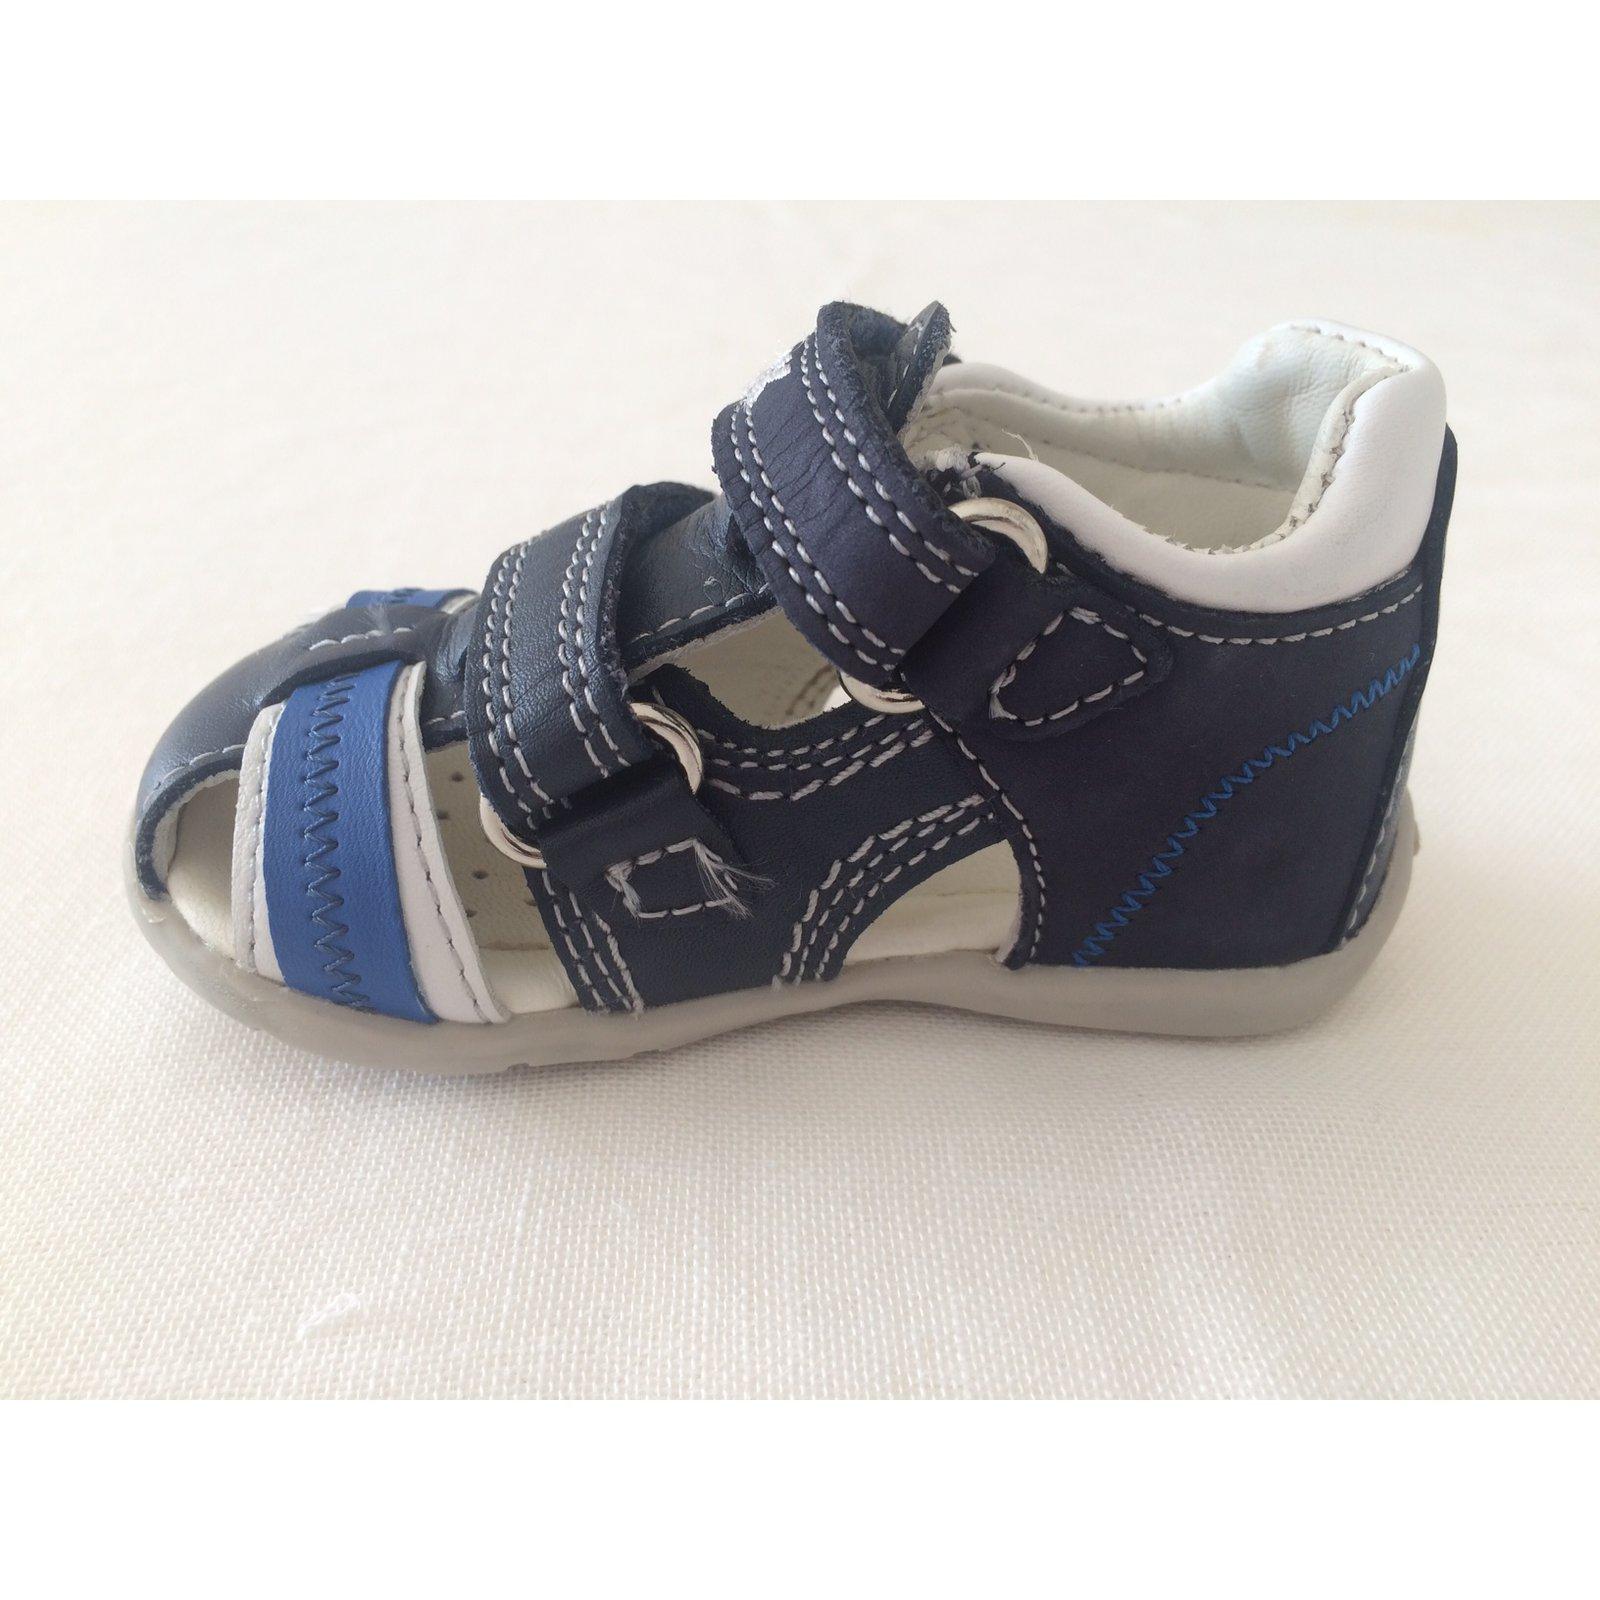 30055 Ref Closet Tclfk1u3j5 Joli Sandales Geox Enfant Cuir Bleu LSzqpjUGMV